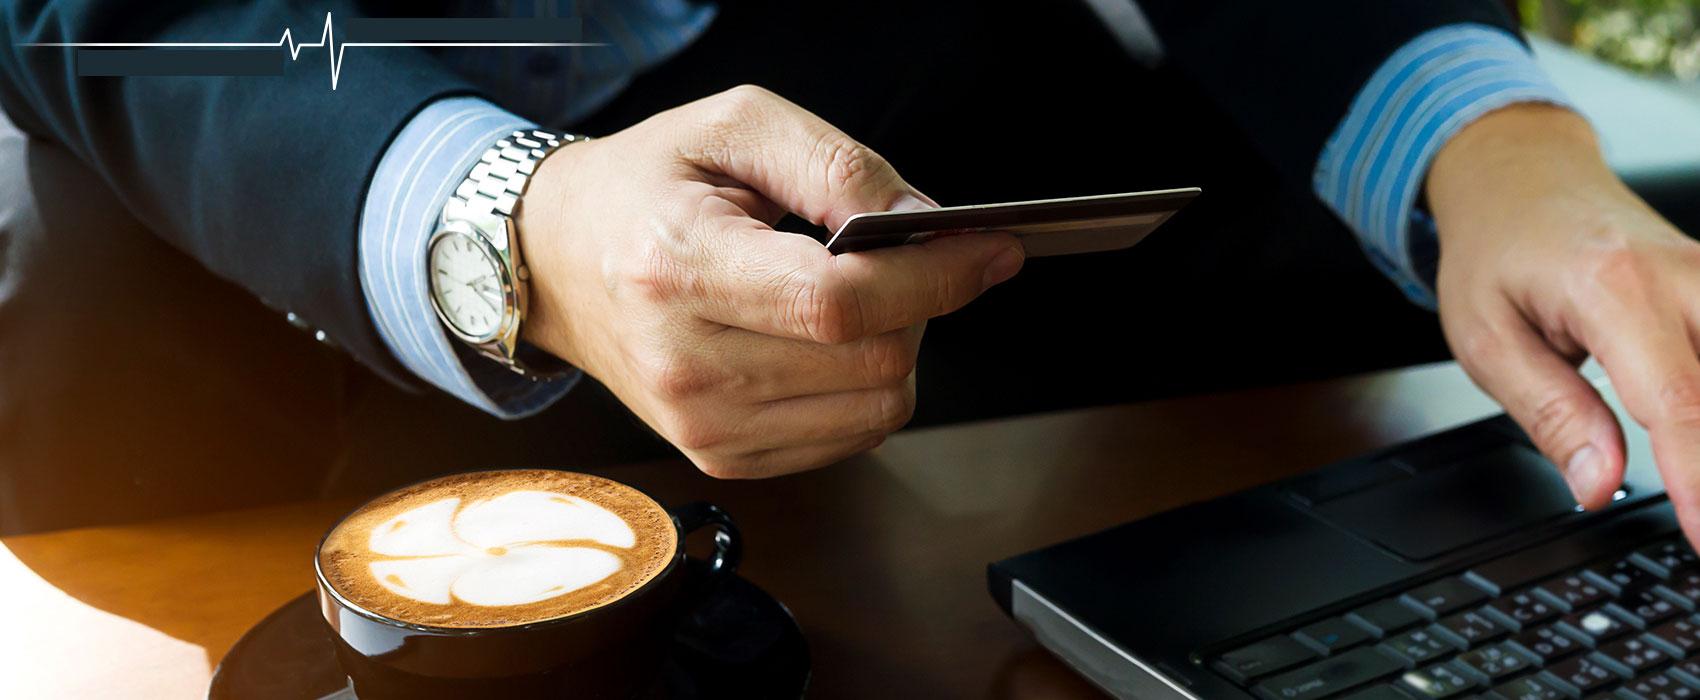 درگاه پرداخت آنلاین چیست؟